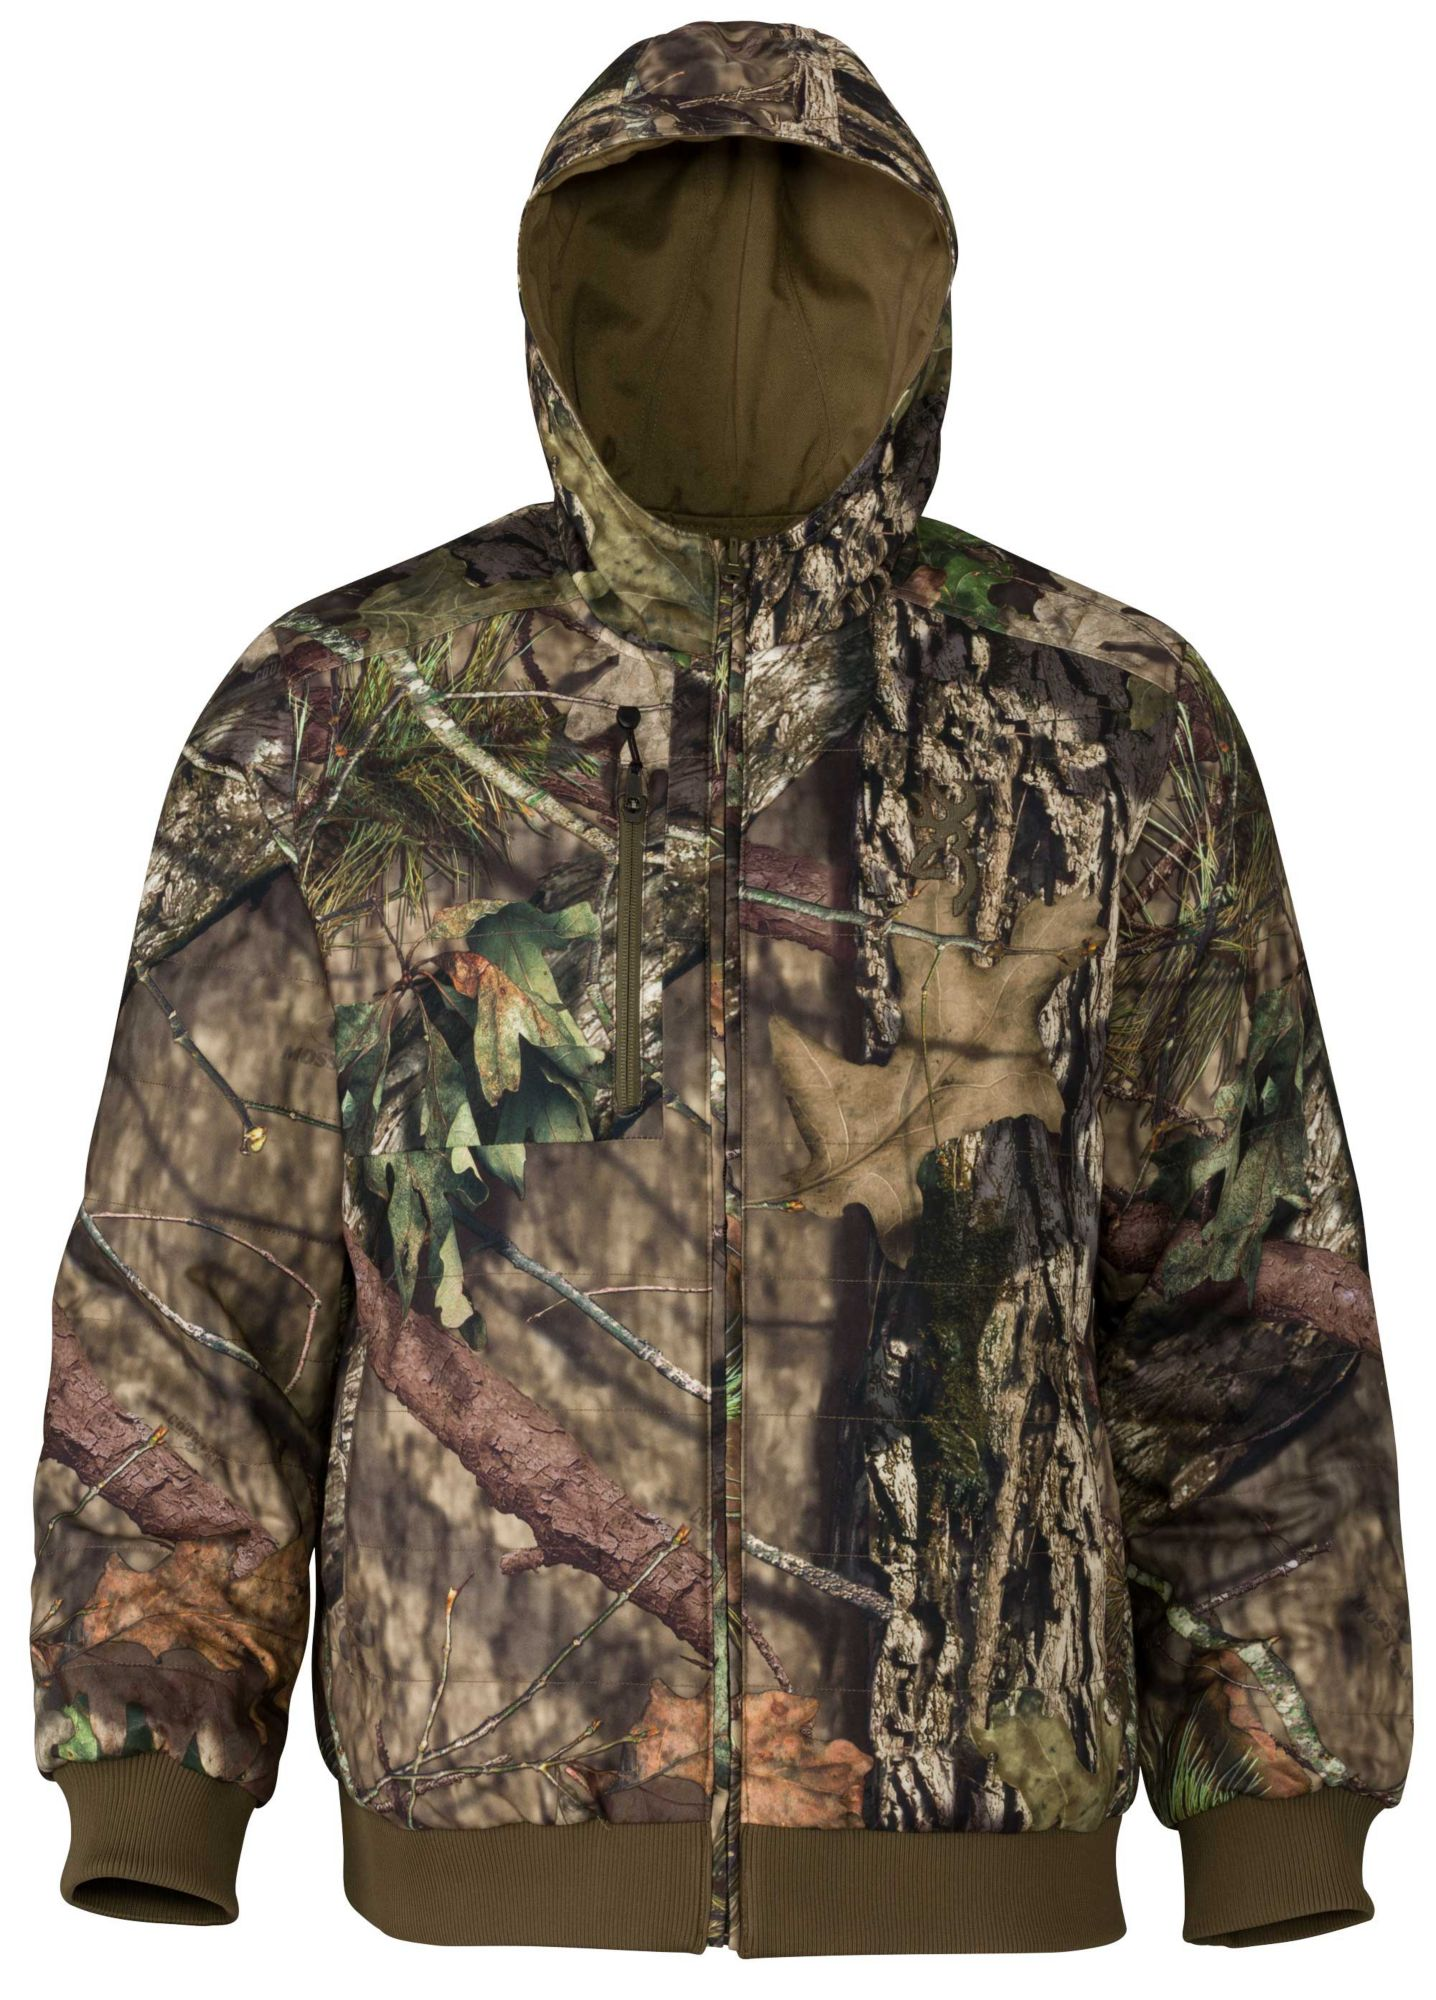 Browning Men's Hell's Canyon Contact Reversible Hunting Jacket, Size: Medium, Green thumbnail